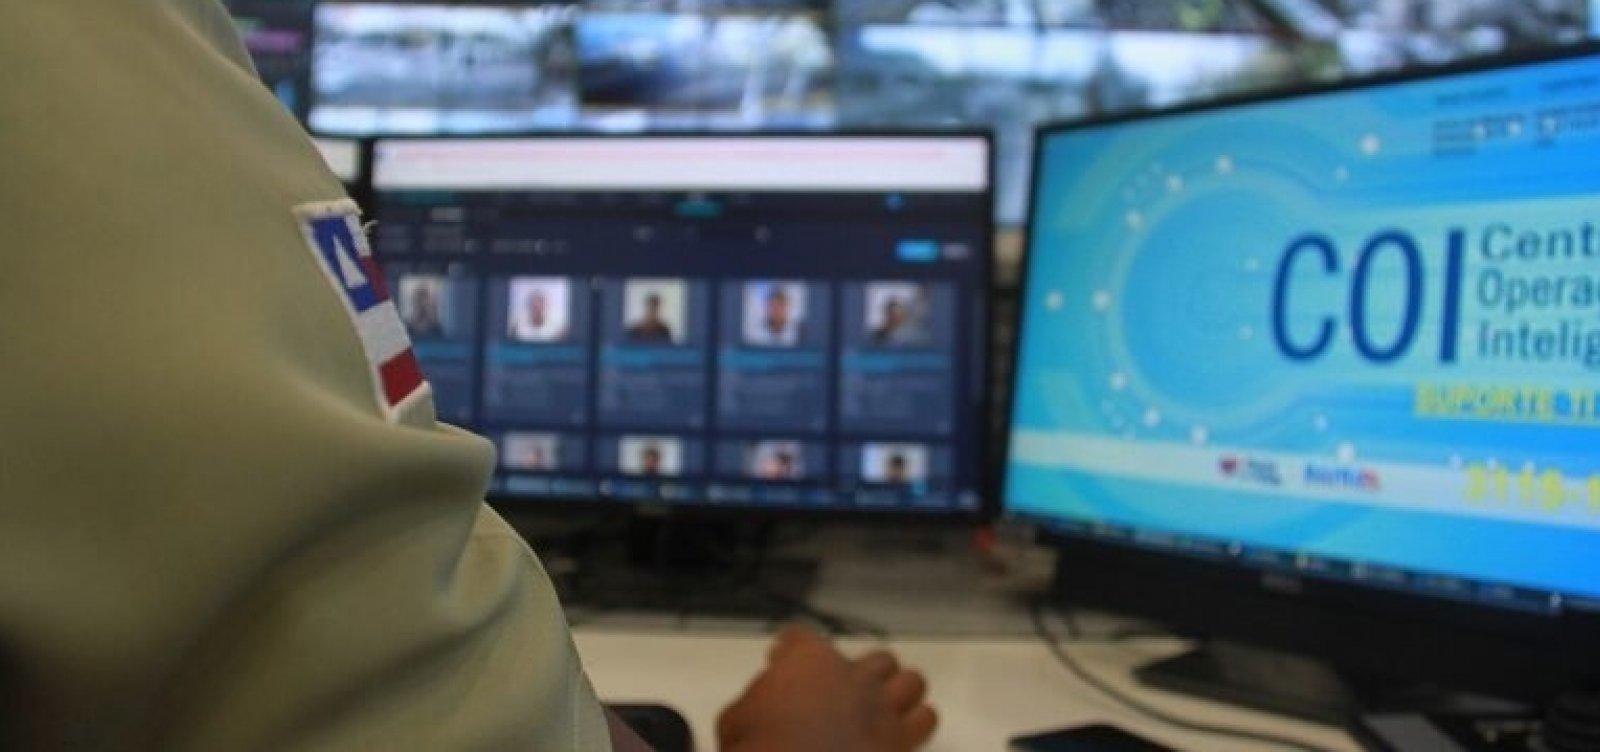 Foragidos por tráfico são encontrados através de reconhecimento facial